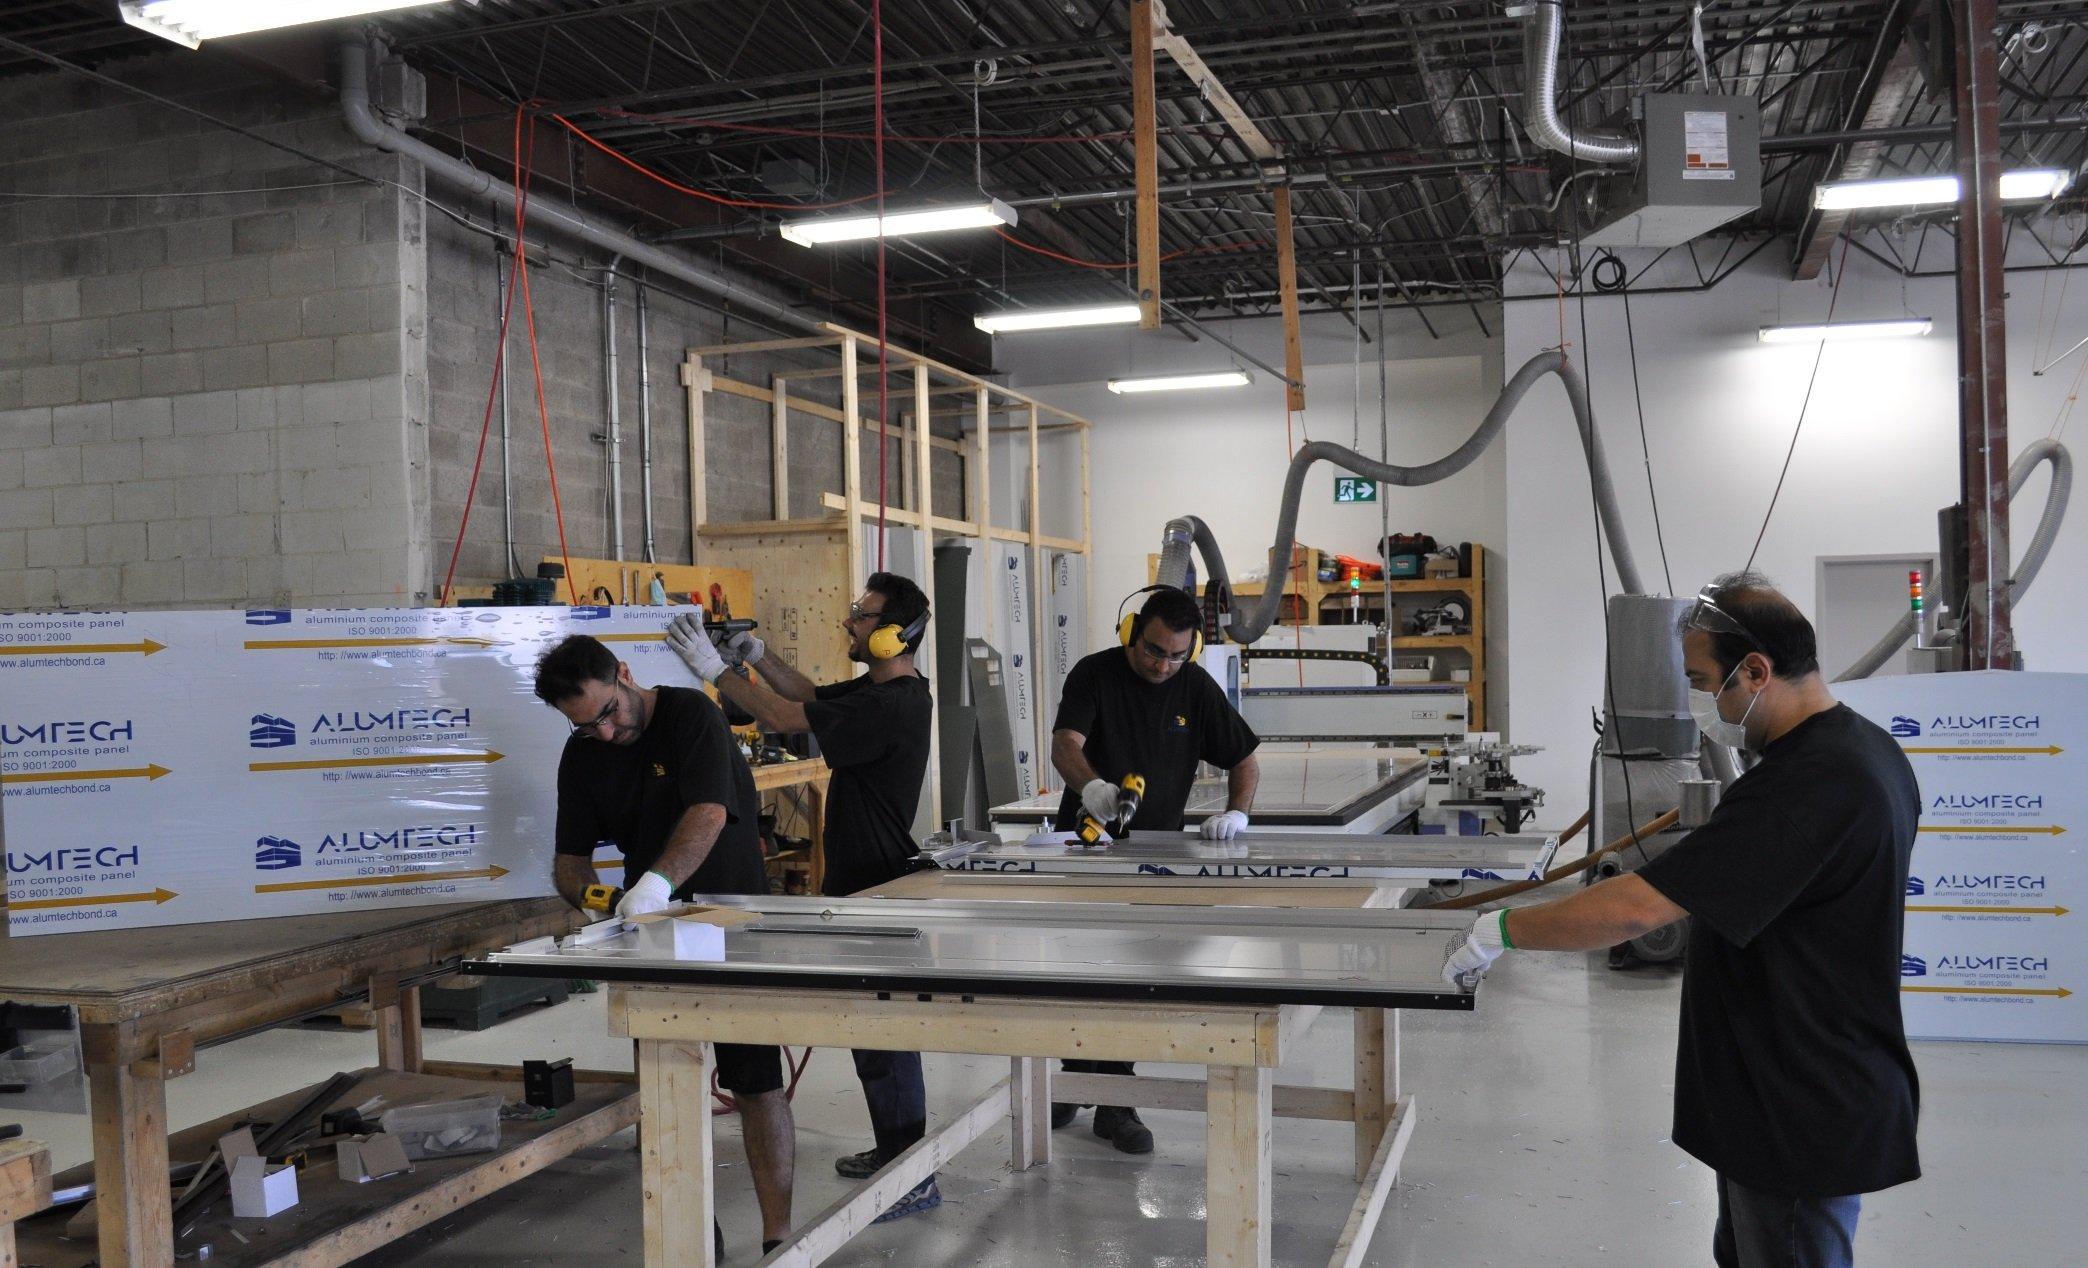 Alumtech fabrication department, June 2020